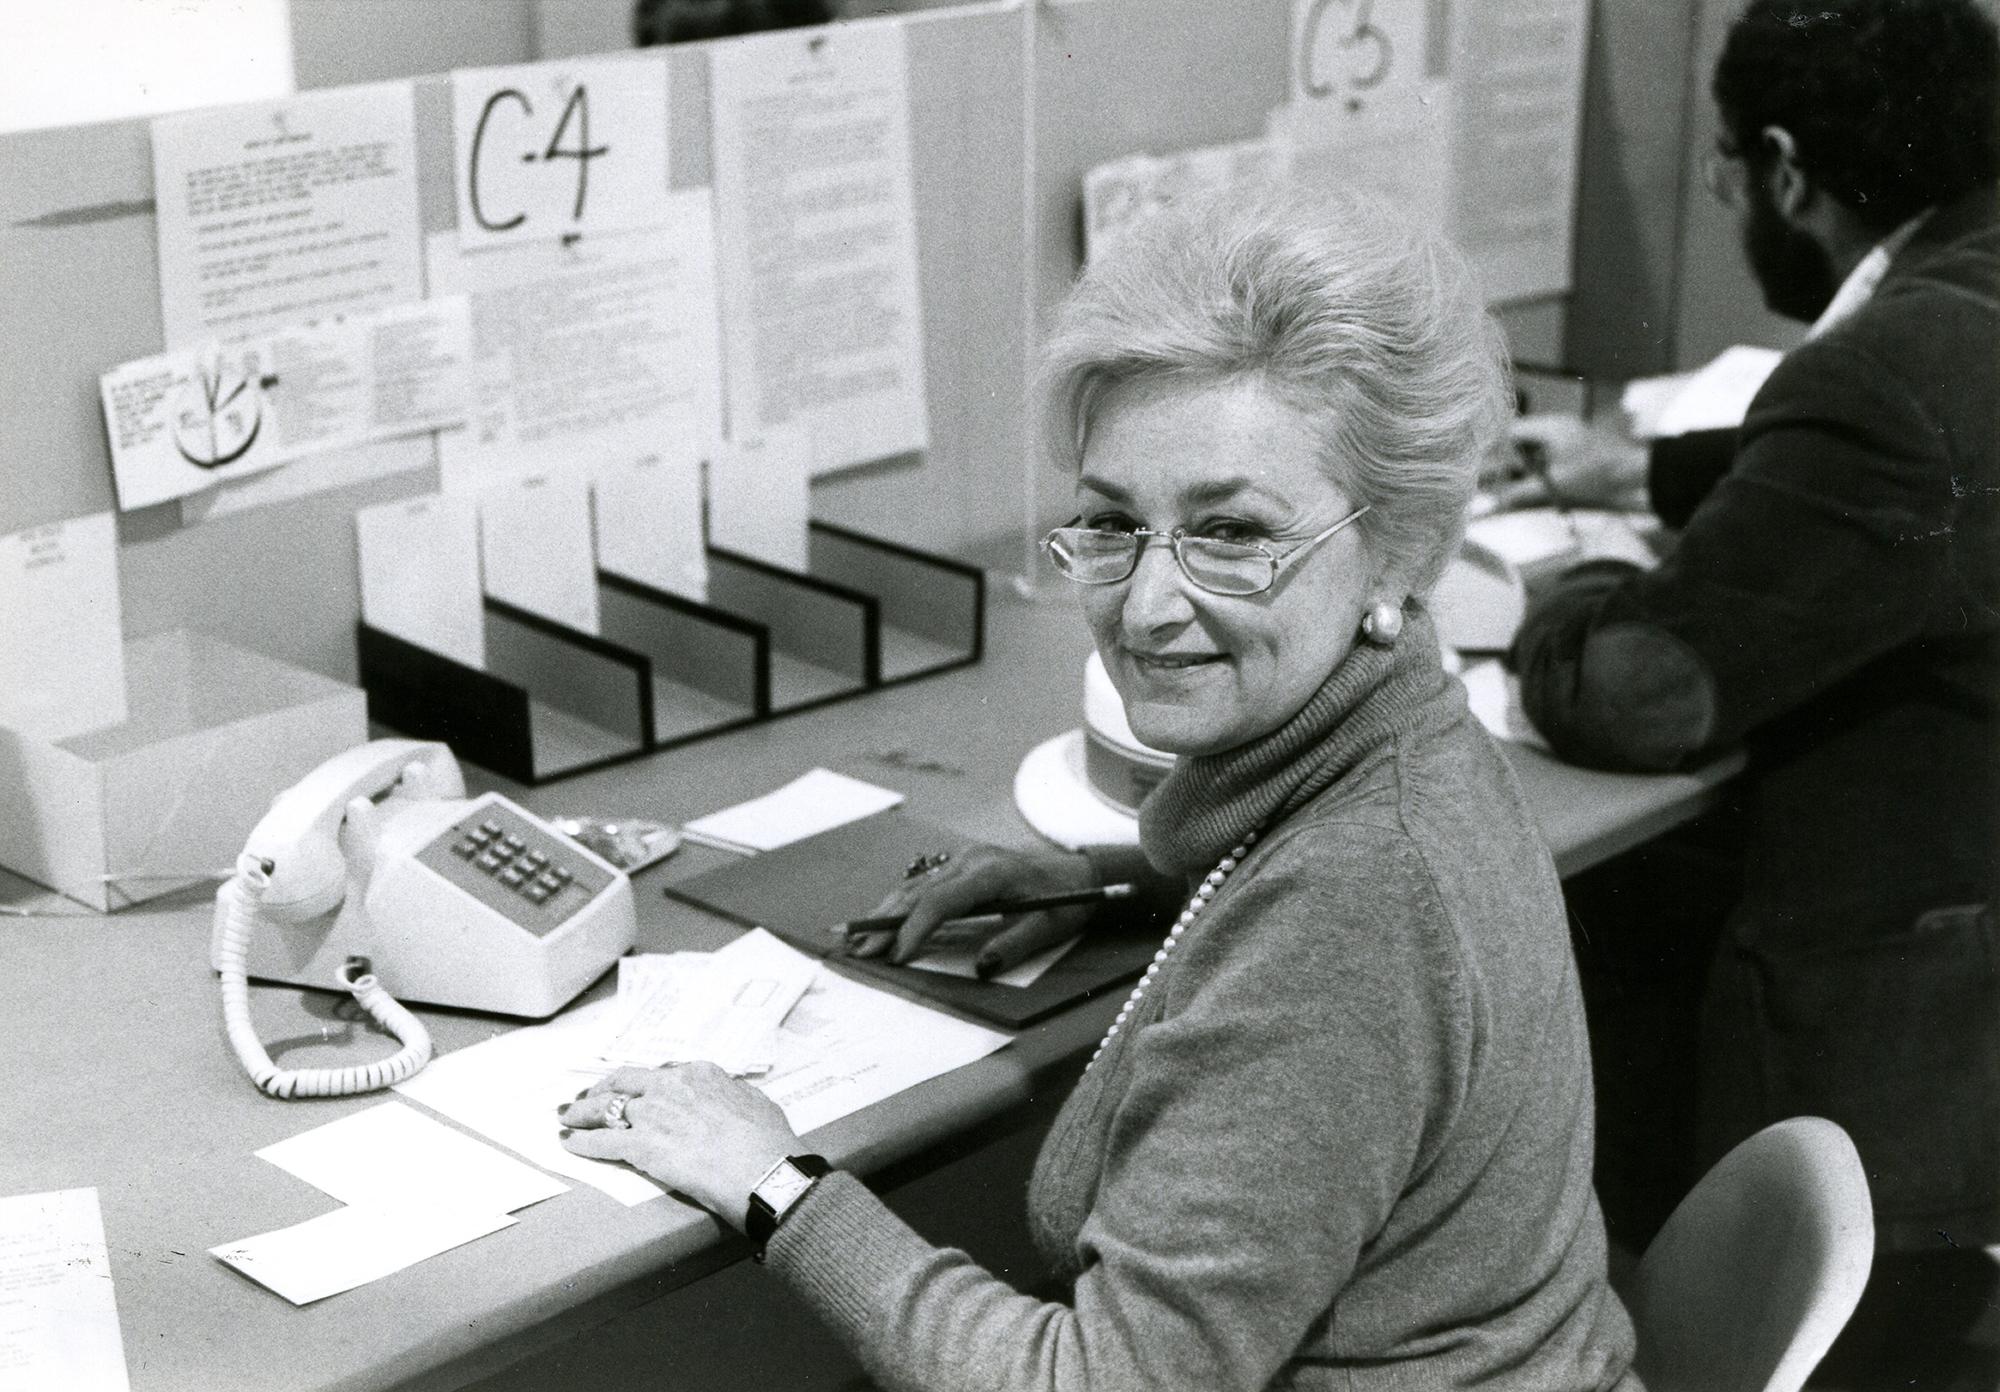 1979 image